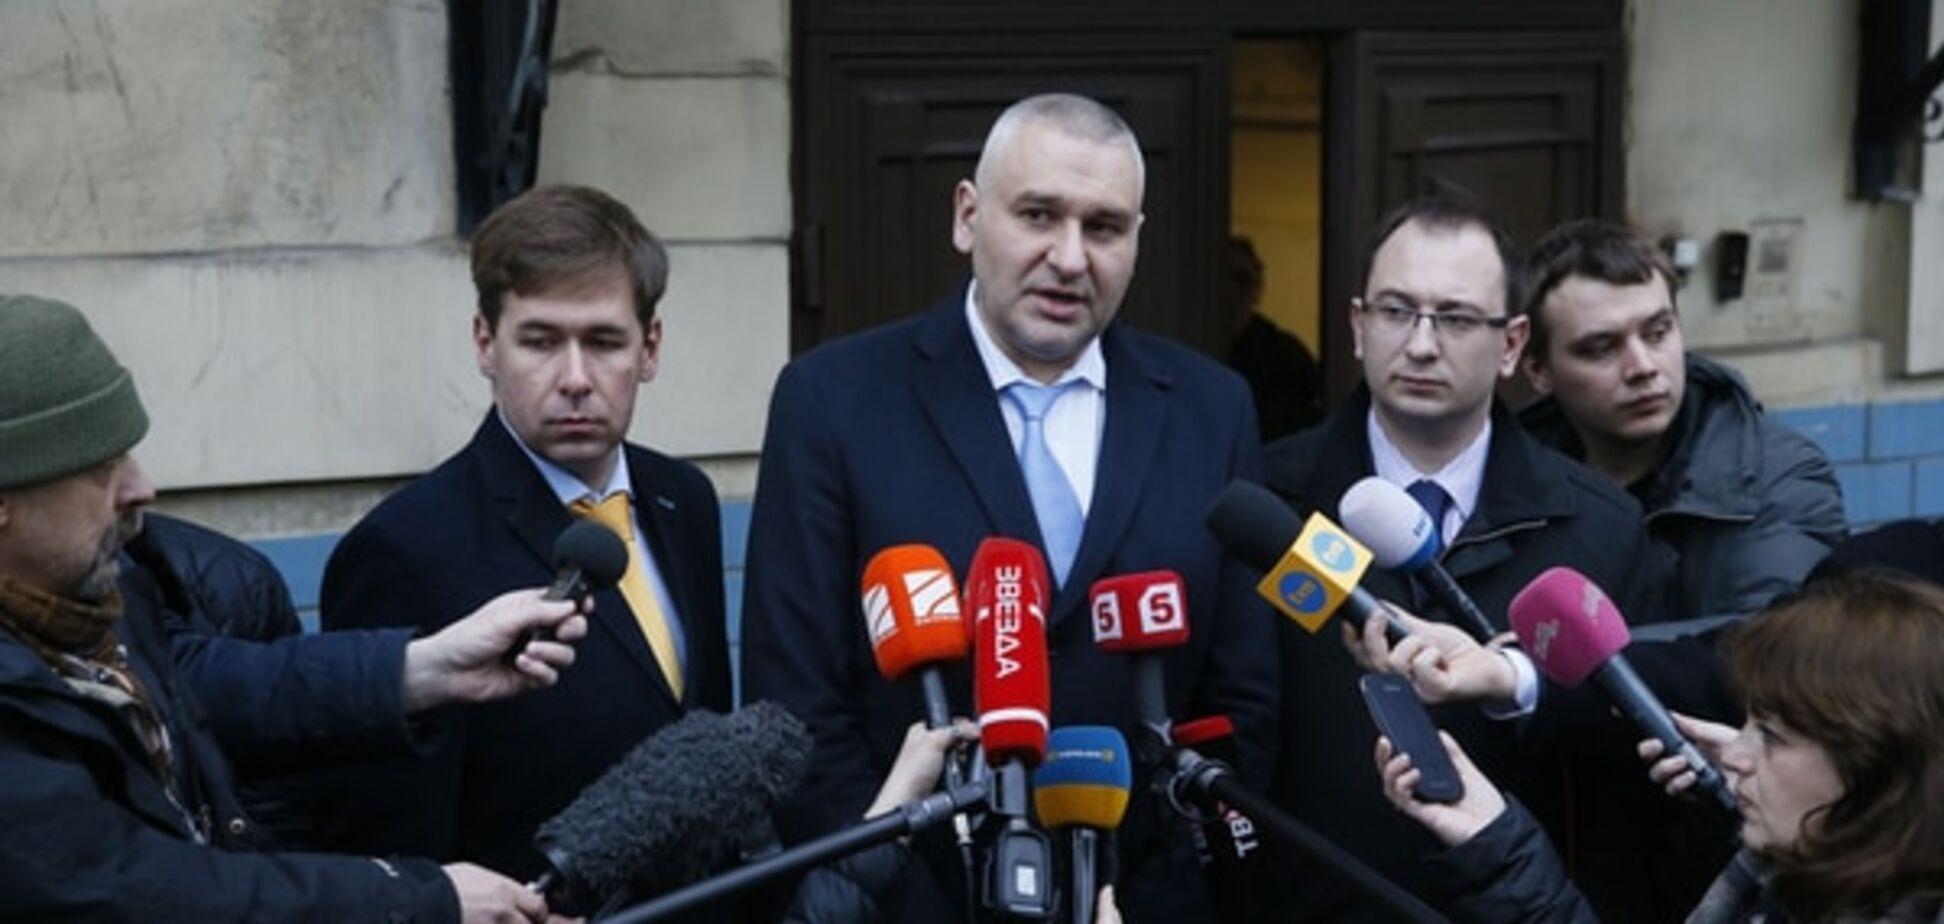 Від погроз до дій: адвокатів Савченко хочуть посадити через Плотницького